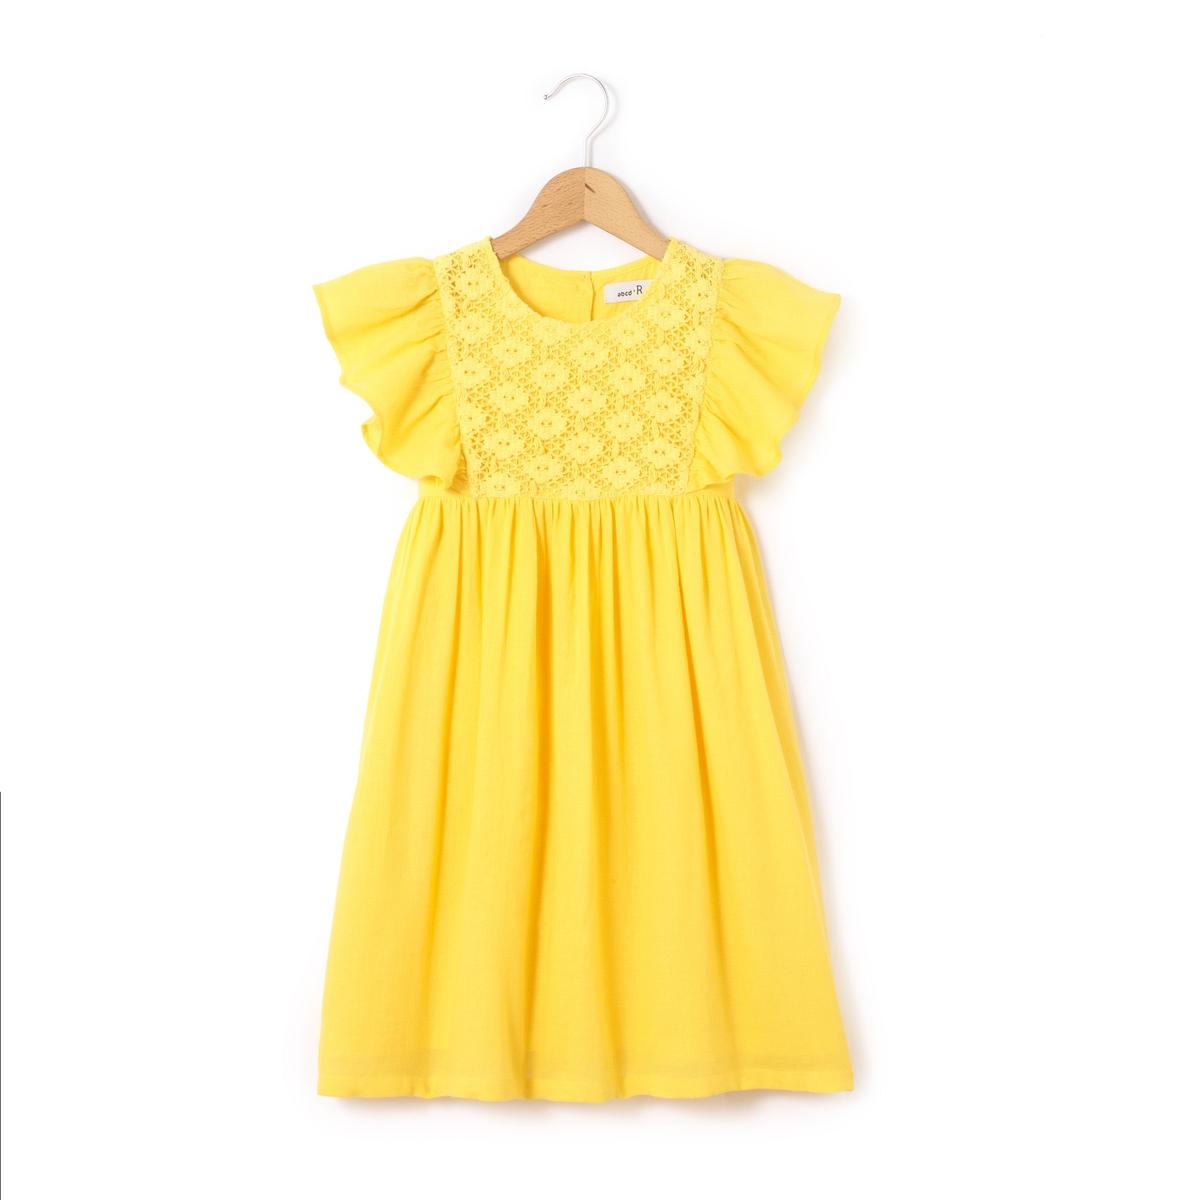 Платье однотонное средней длины, расширяющееся книзу, без рукавов